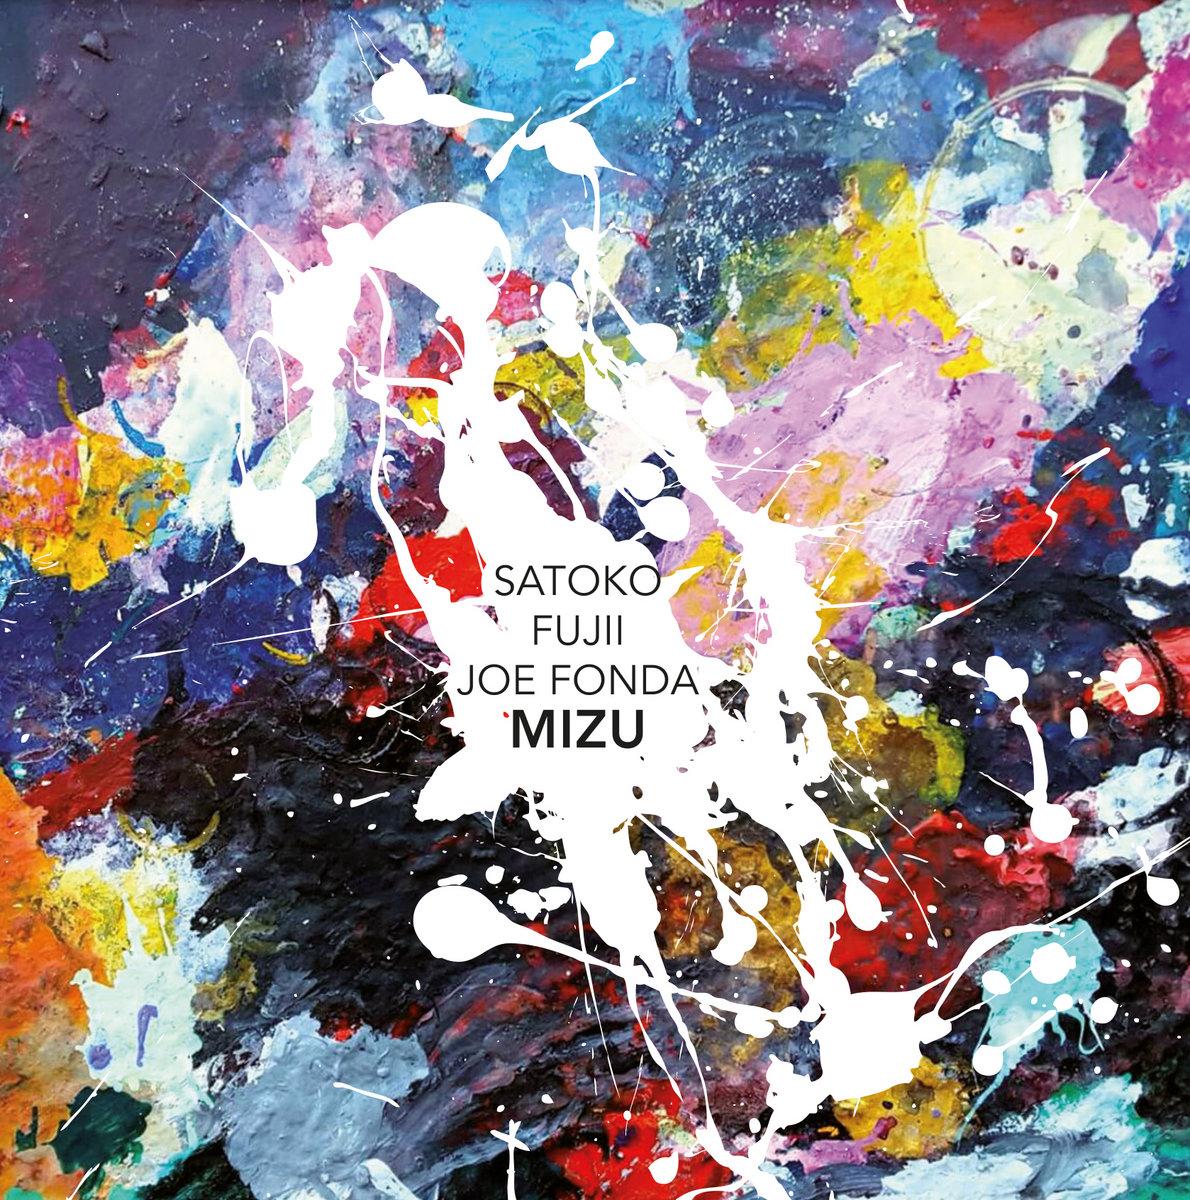 Mizu | Satoko Fujii, Joe Fonda